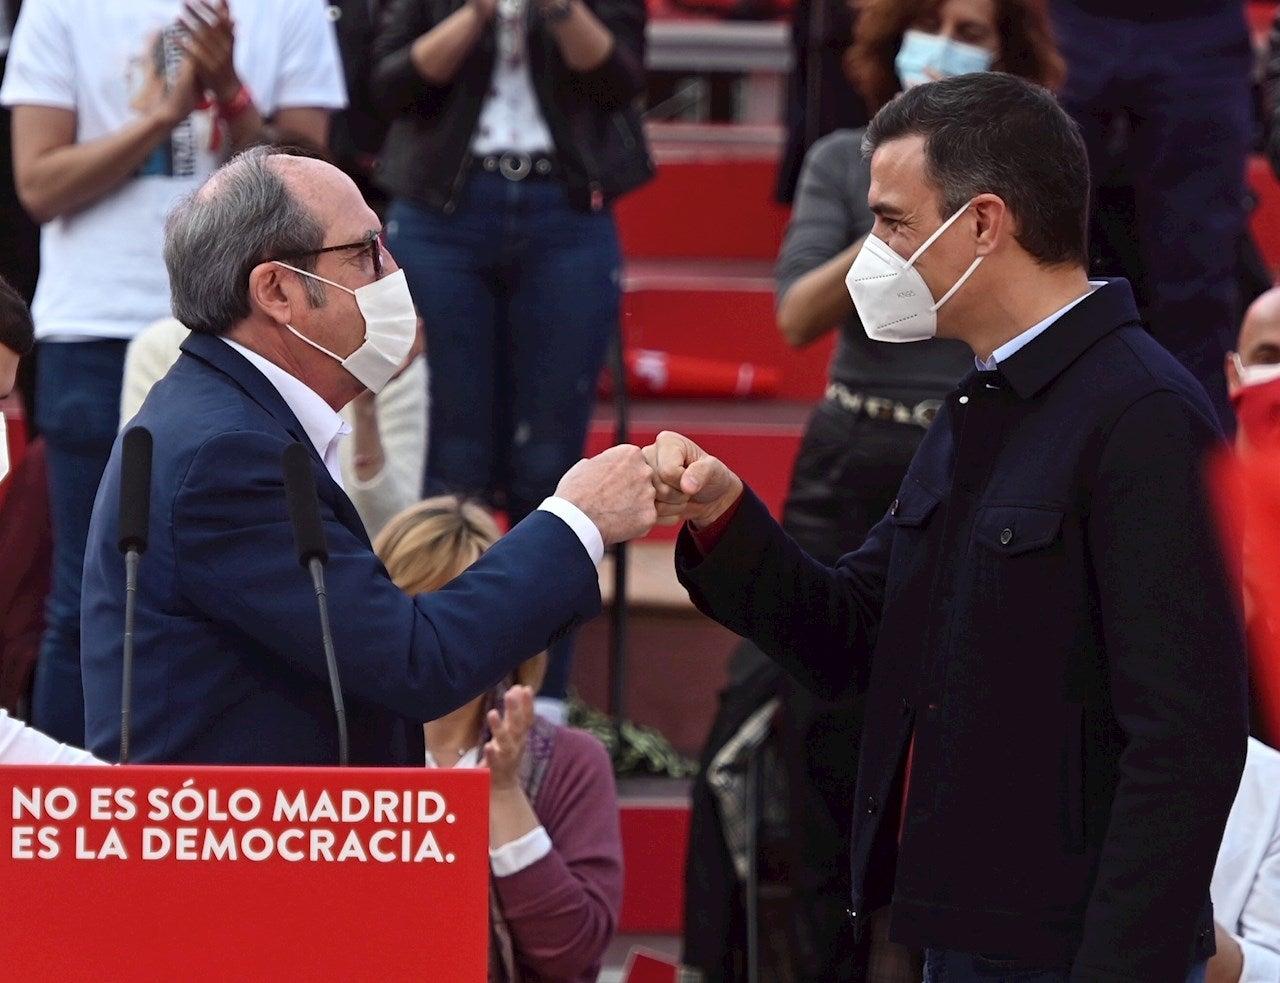 Tertulia: ¿Hace falta más autocrítica en el PSOE tras el descalabro de las elecciones de Madrid?